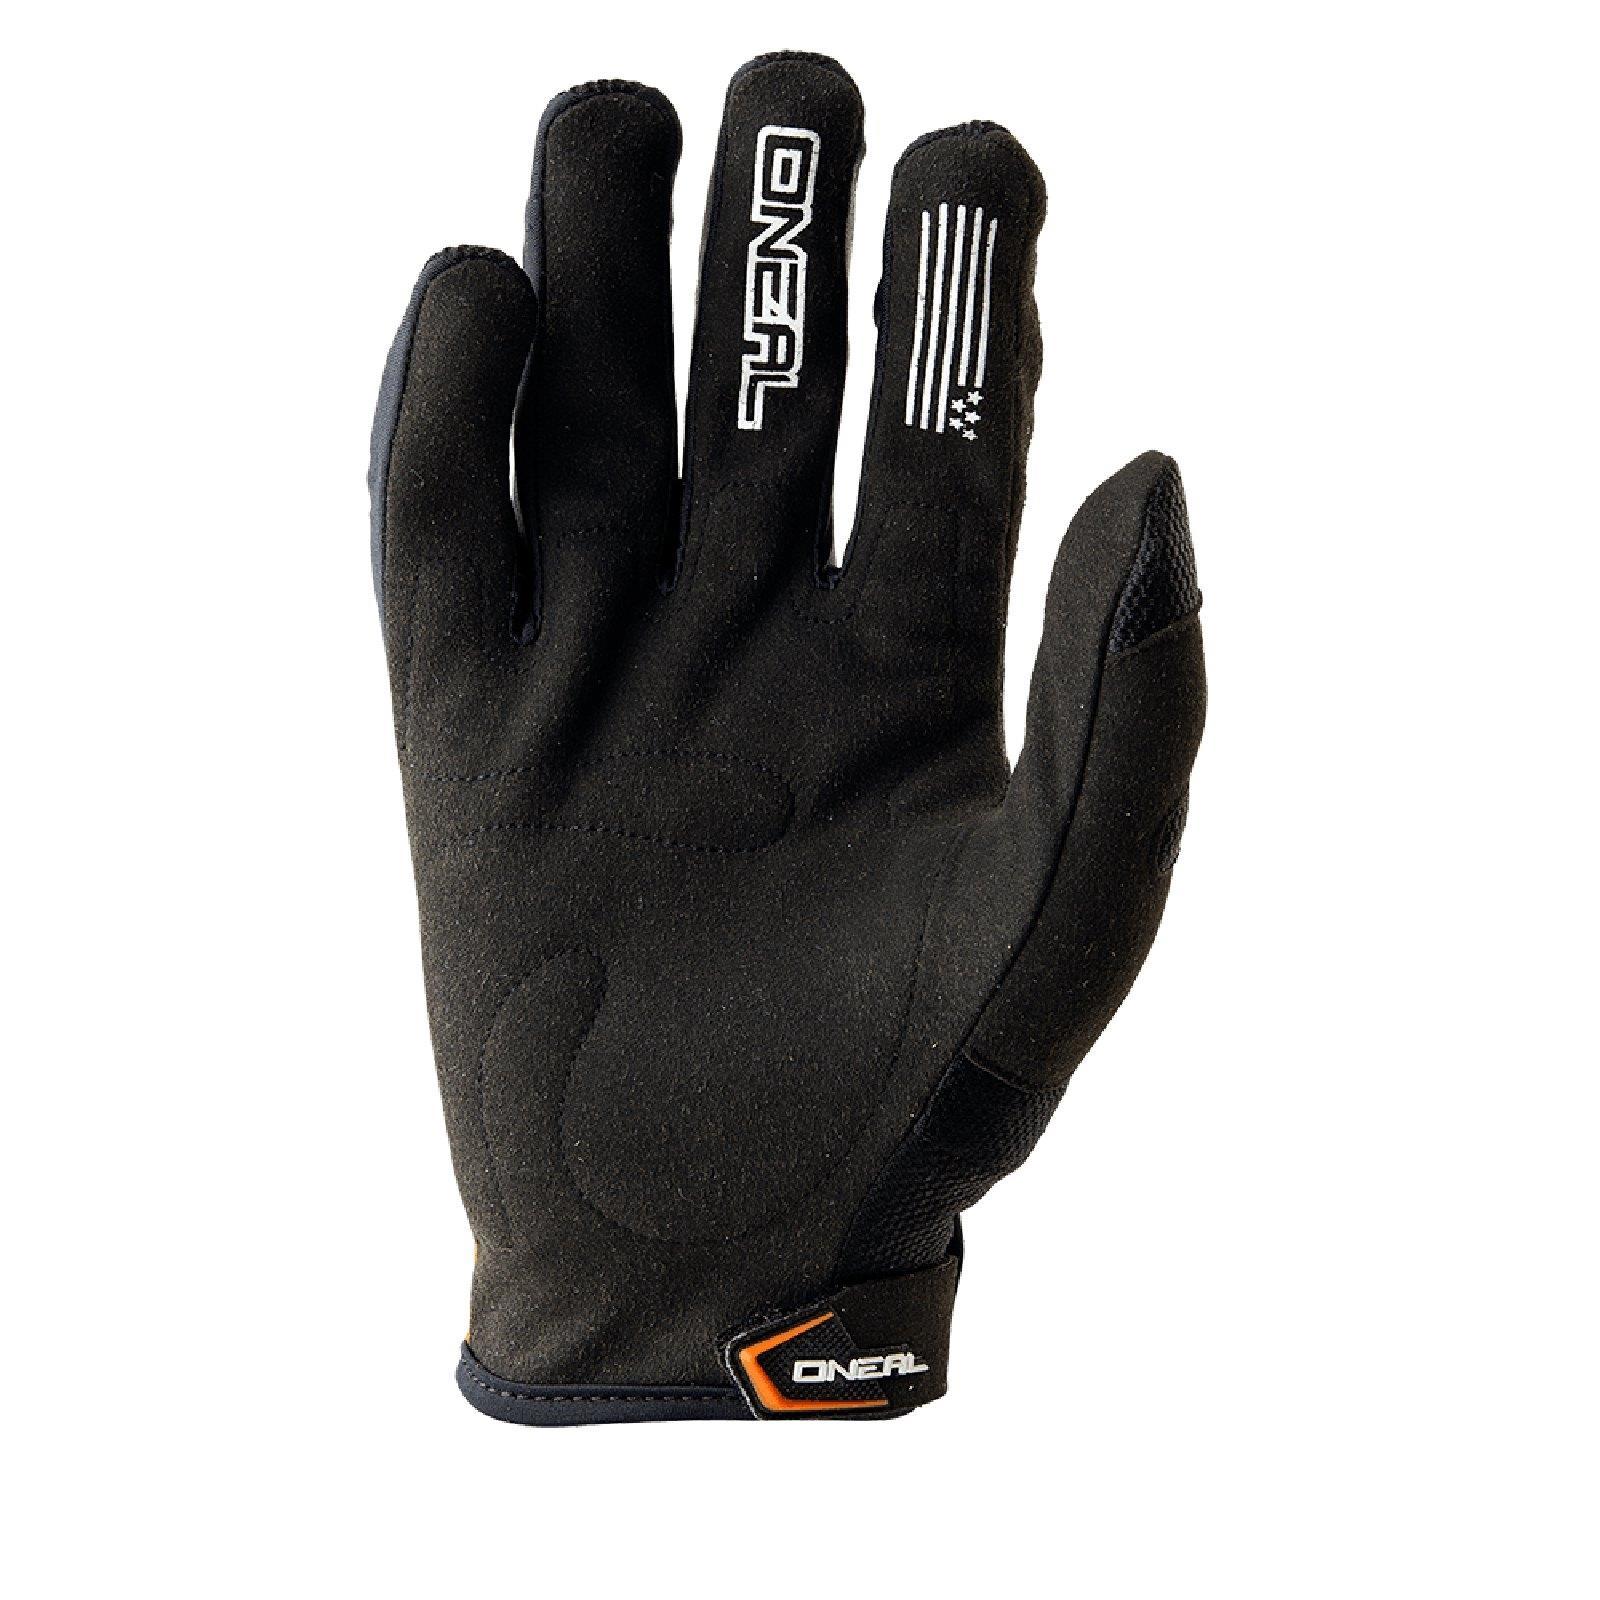 Oneal-elemento-MX-guantes-motocross-SX-enduro-Cross-moto-todo-terreno-todoterreno miniatura 13